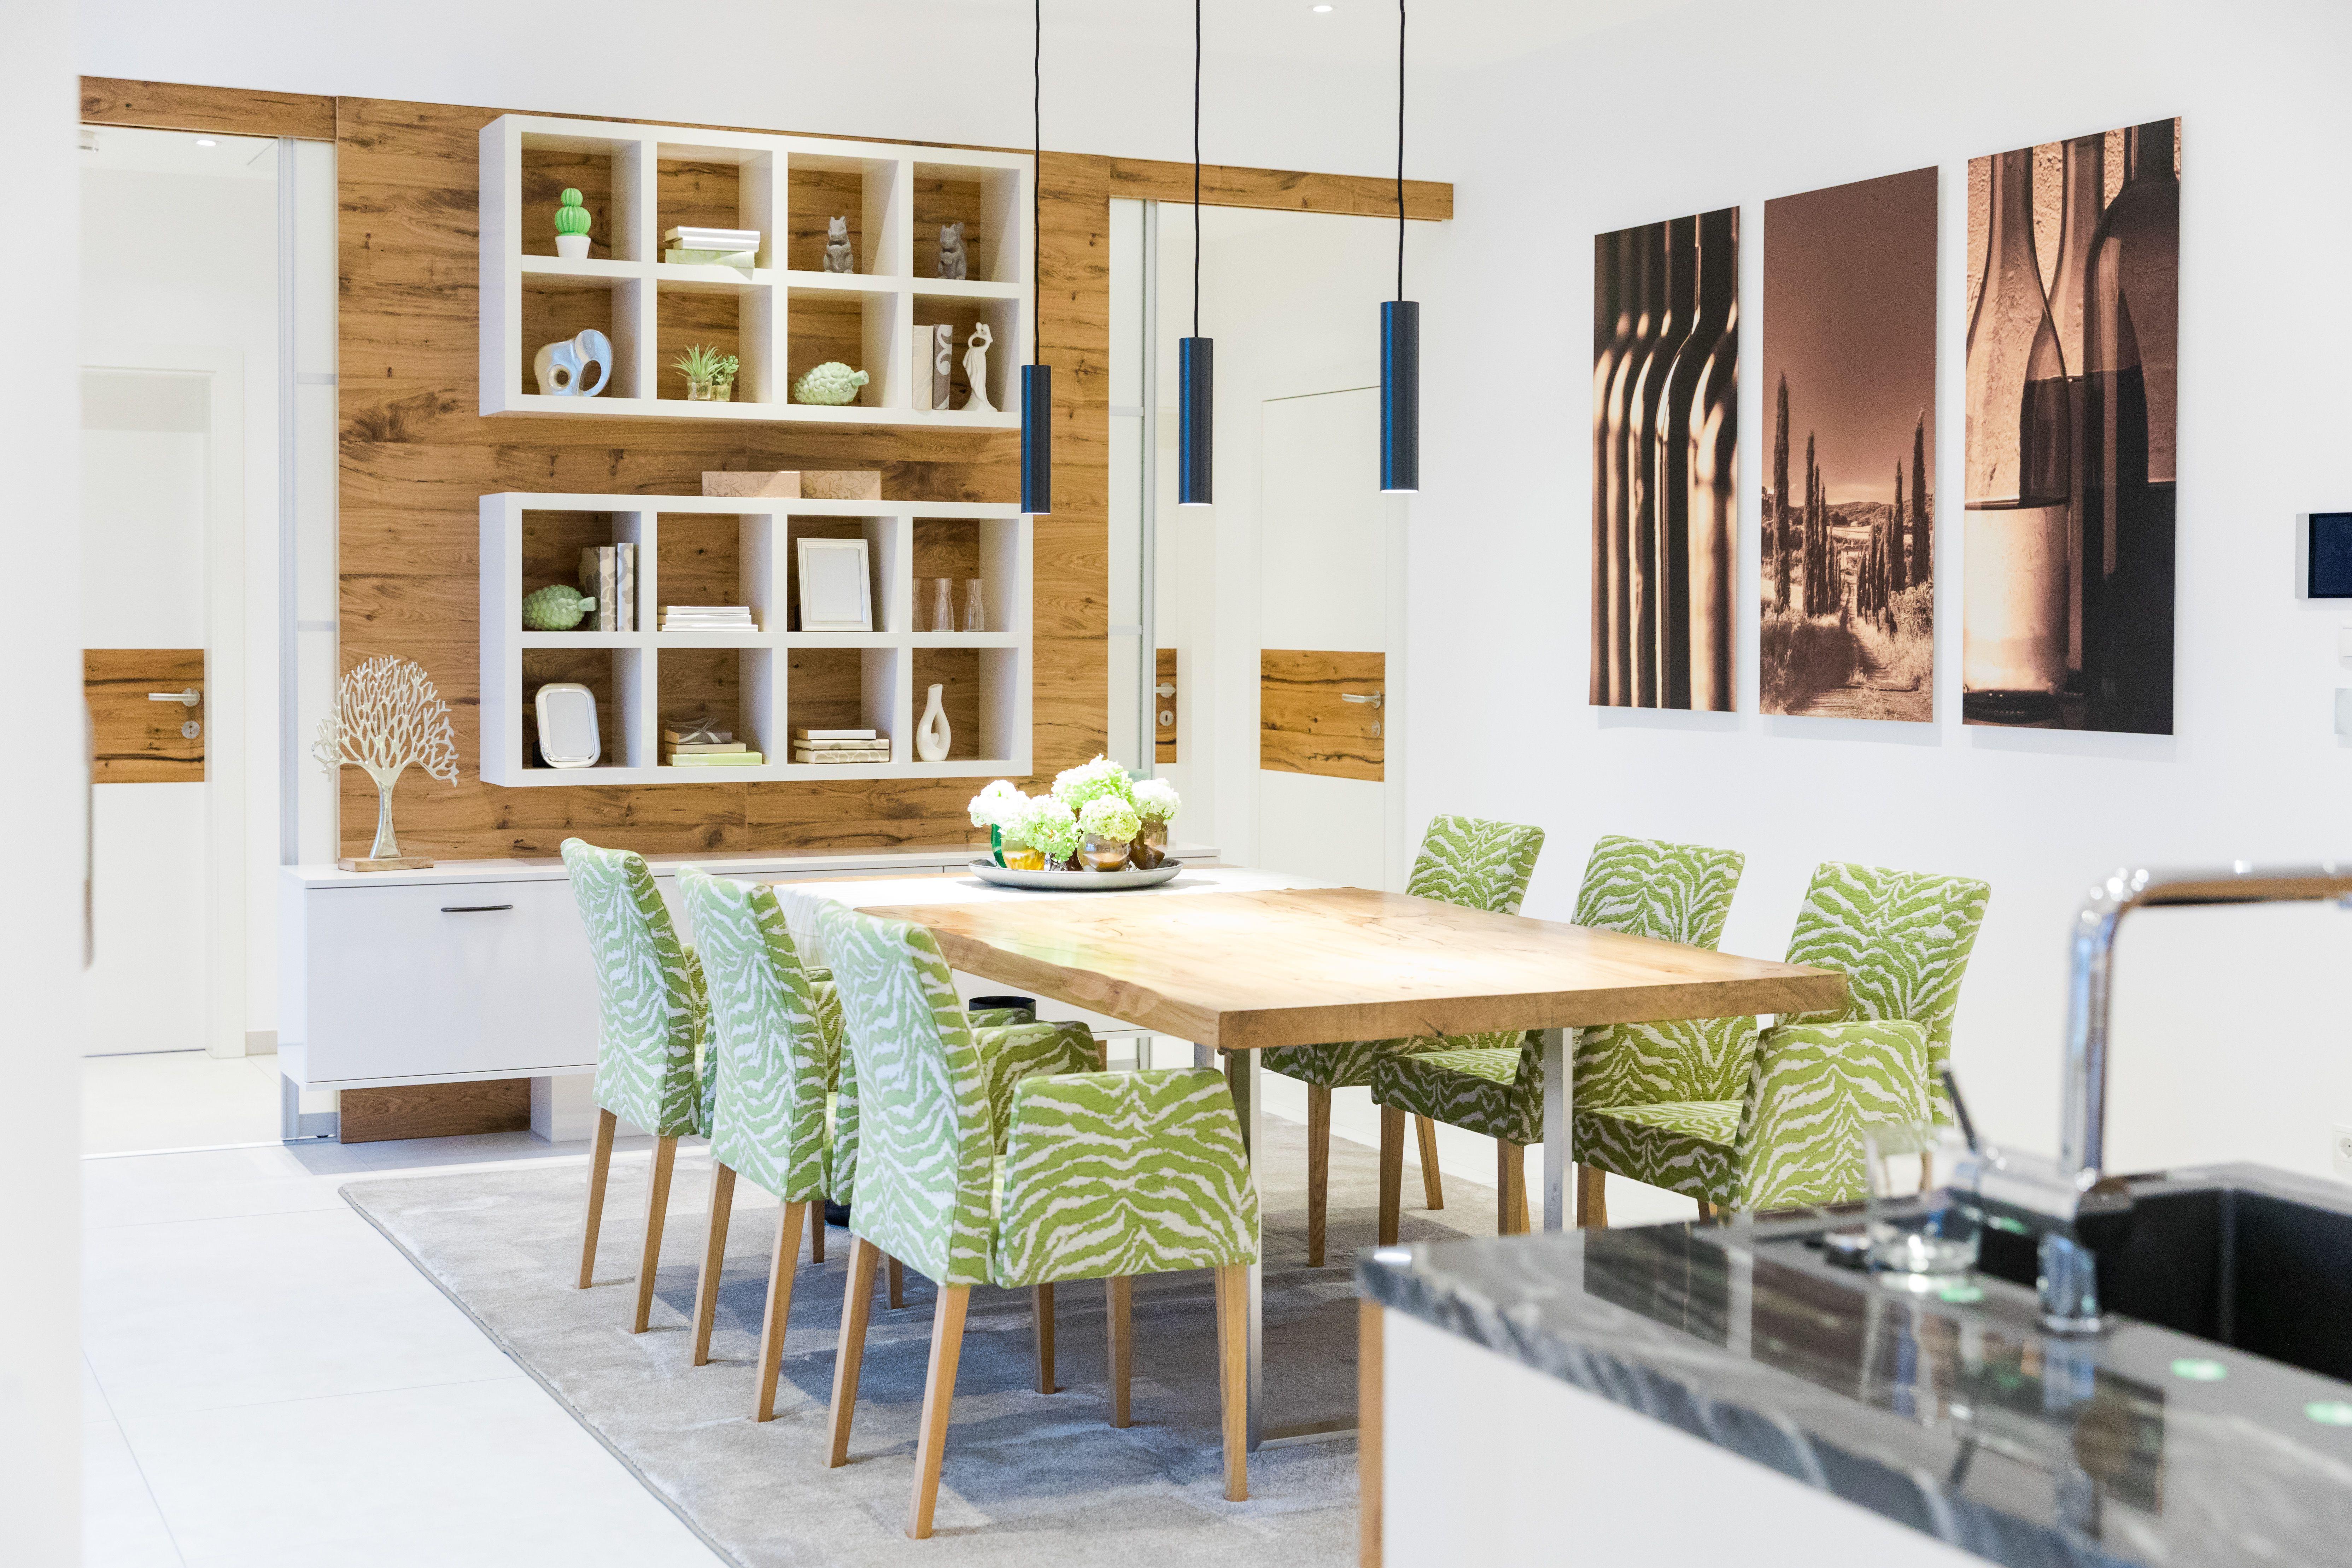 Tolle Billige Küchenschränke New York Zeitgenössisch - Ideen Für Die ...